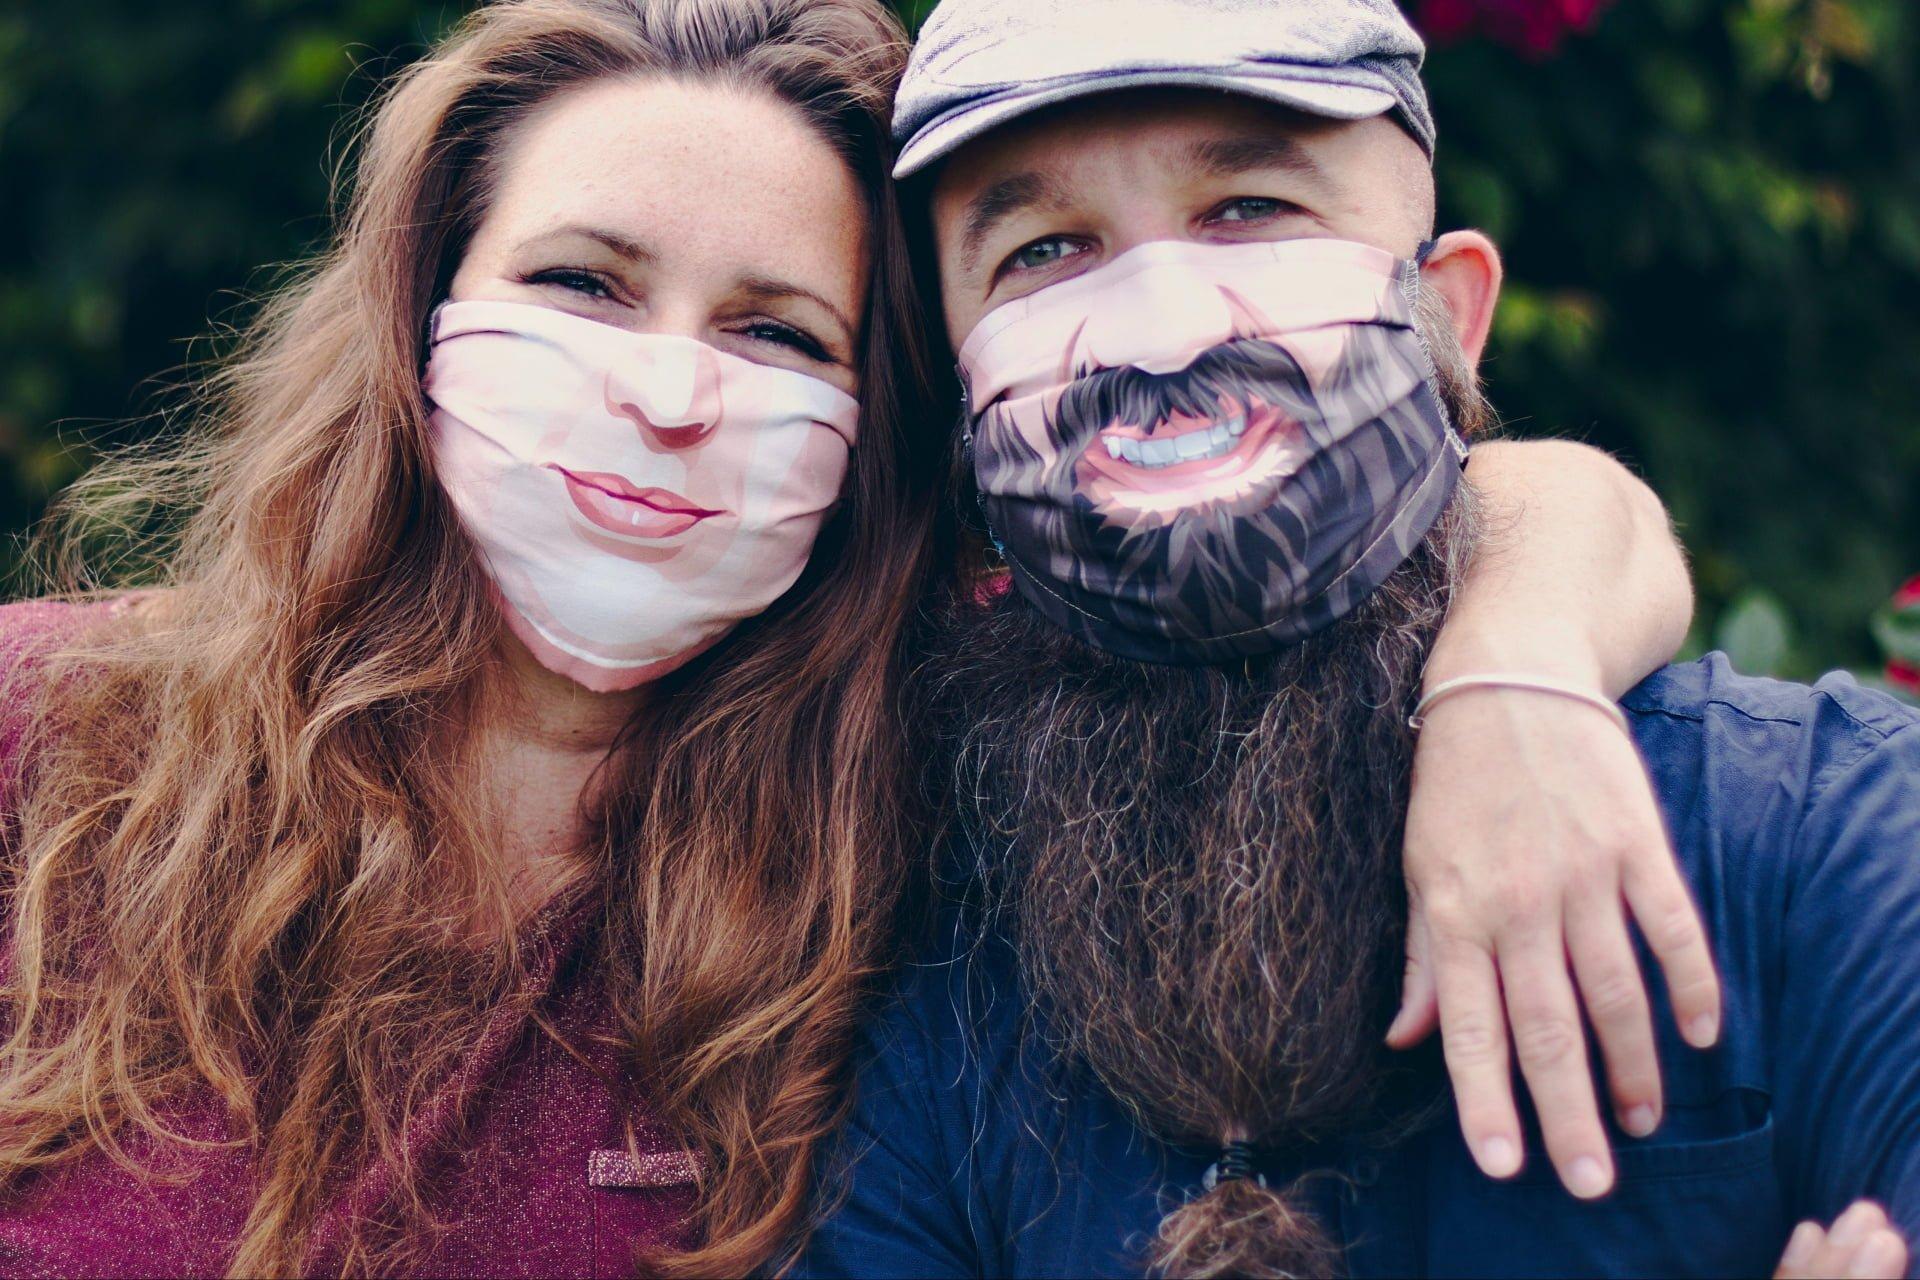 Maske takmanın 30 şaşırtıcı faydası Hayat Kurtarmanın Yanı Sıra